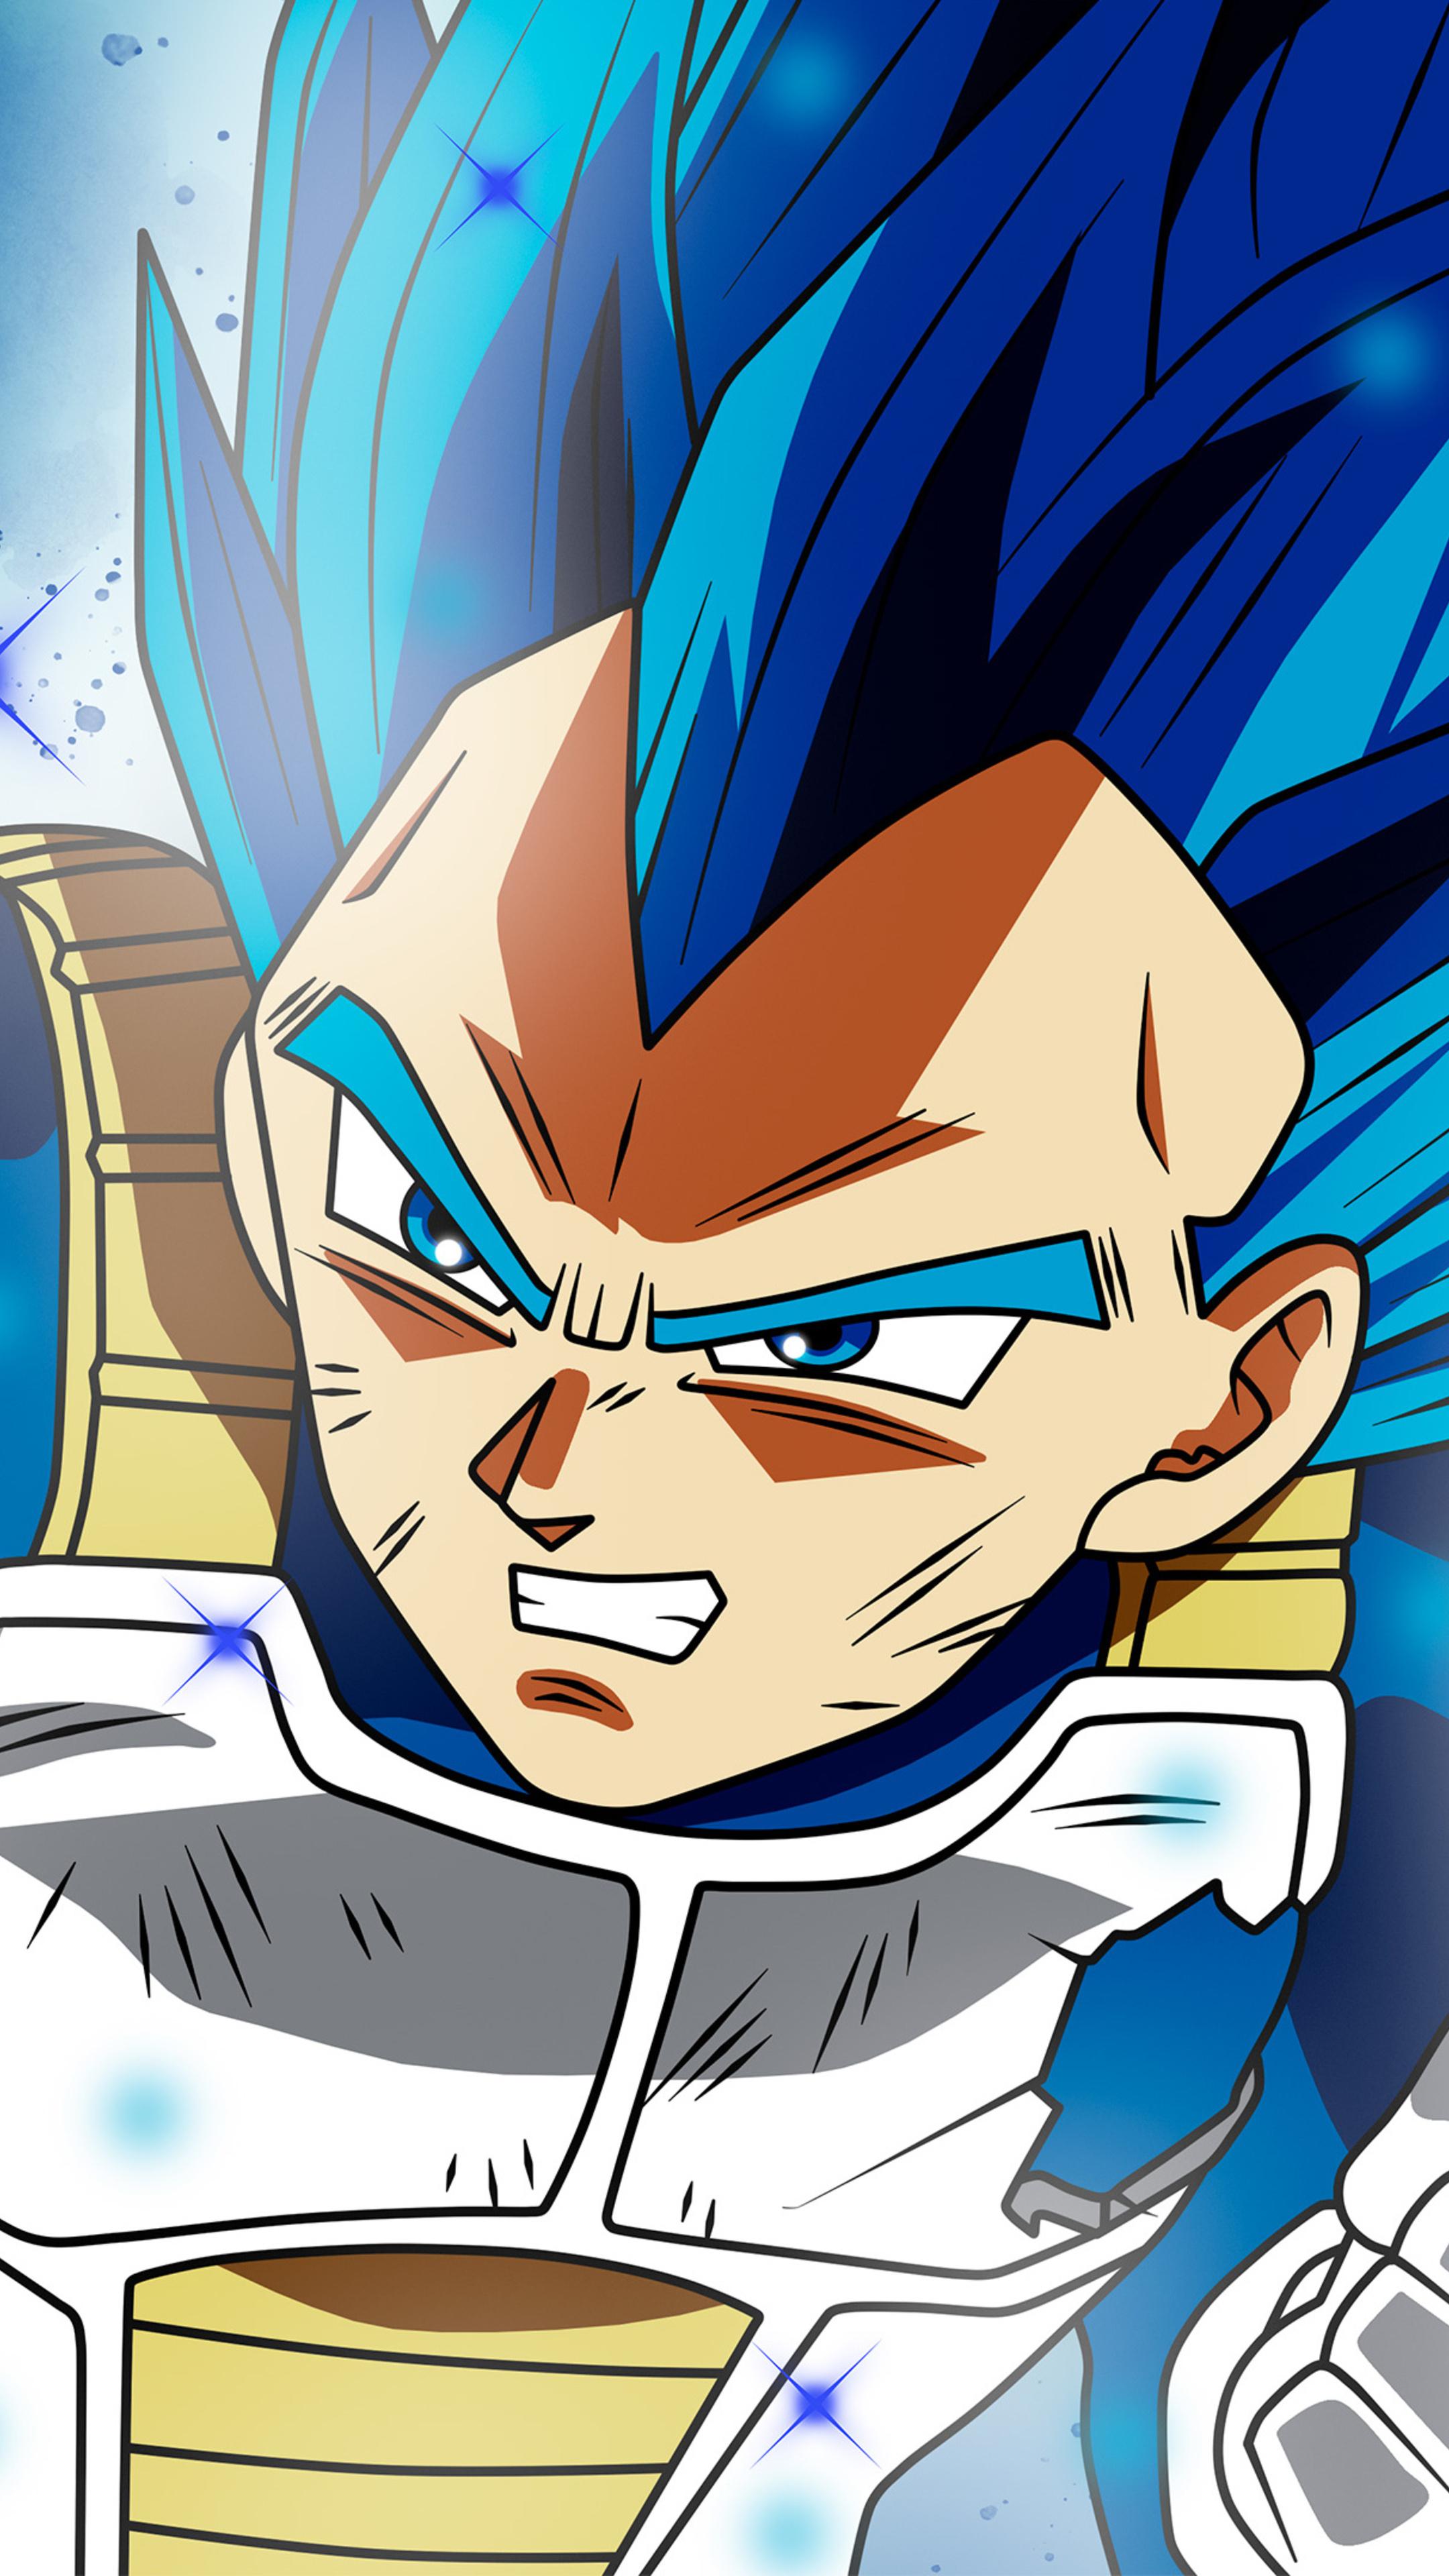 2160x3840 Anime Dragon Ball Super Vegeta Ssj Blue Full Power